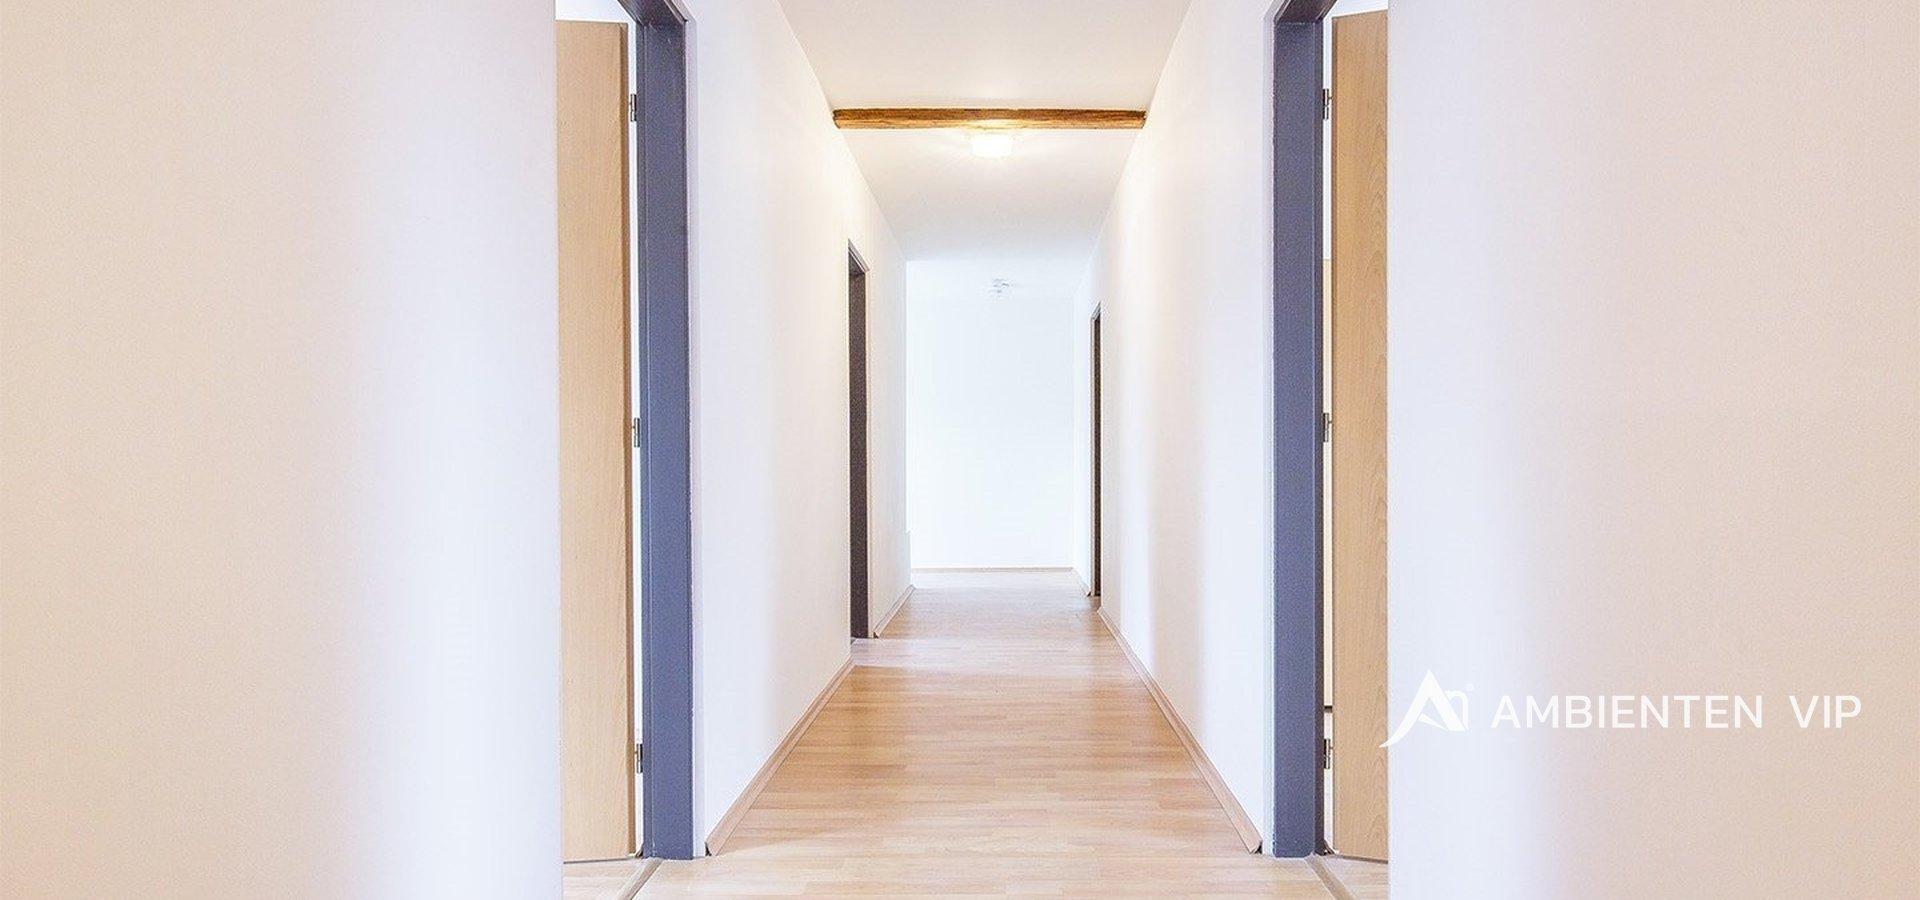 prodej-rodinneho-domu-na-bydleni-i-investici-477m2-telc-17merge-3d7dd0